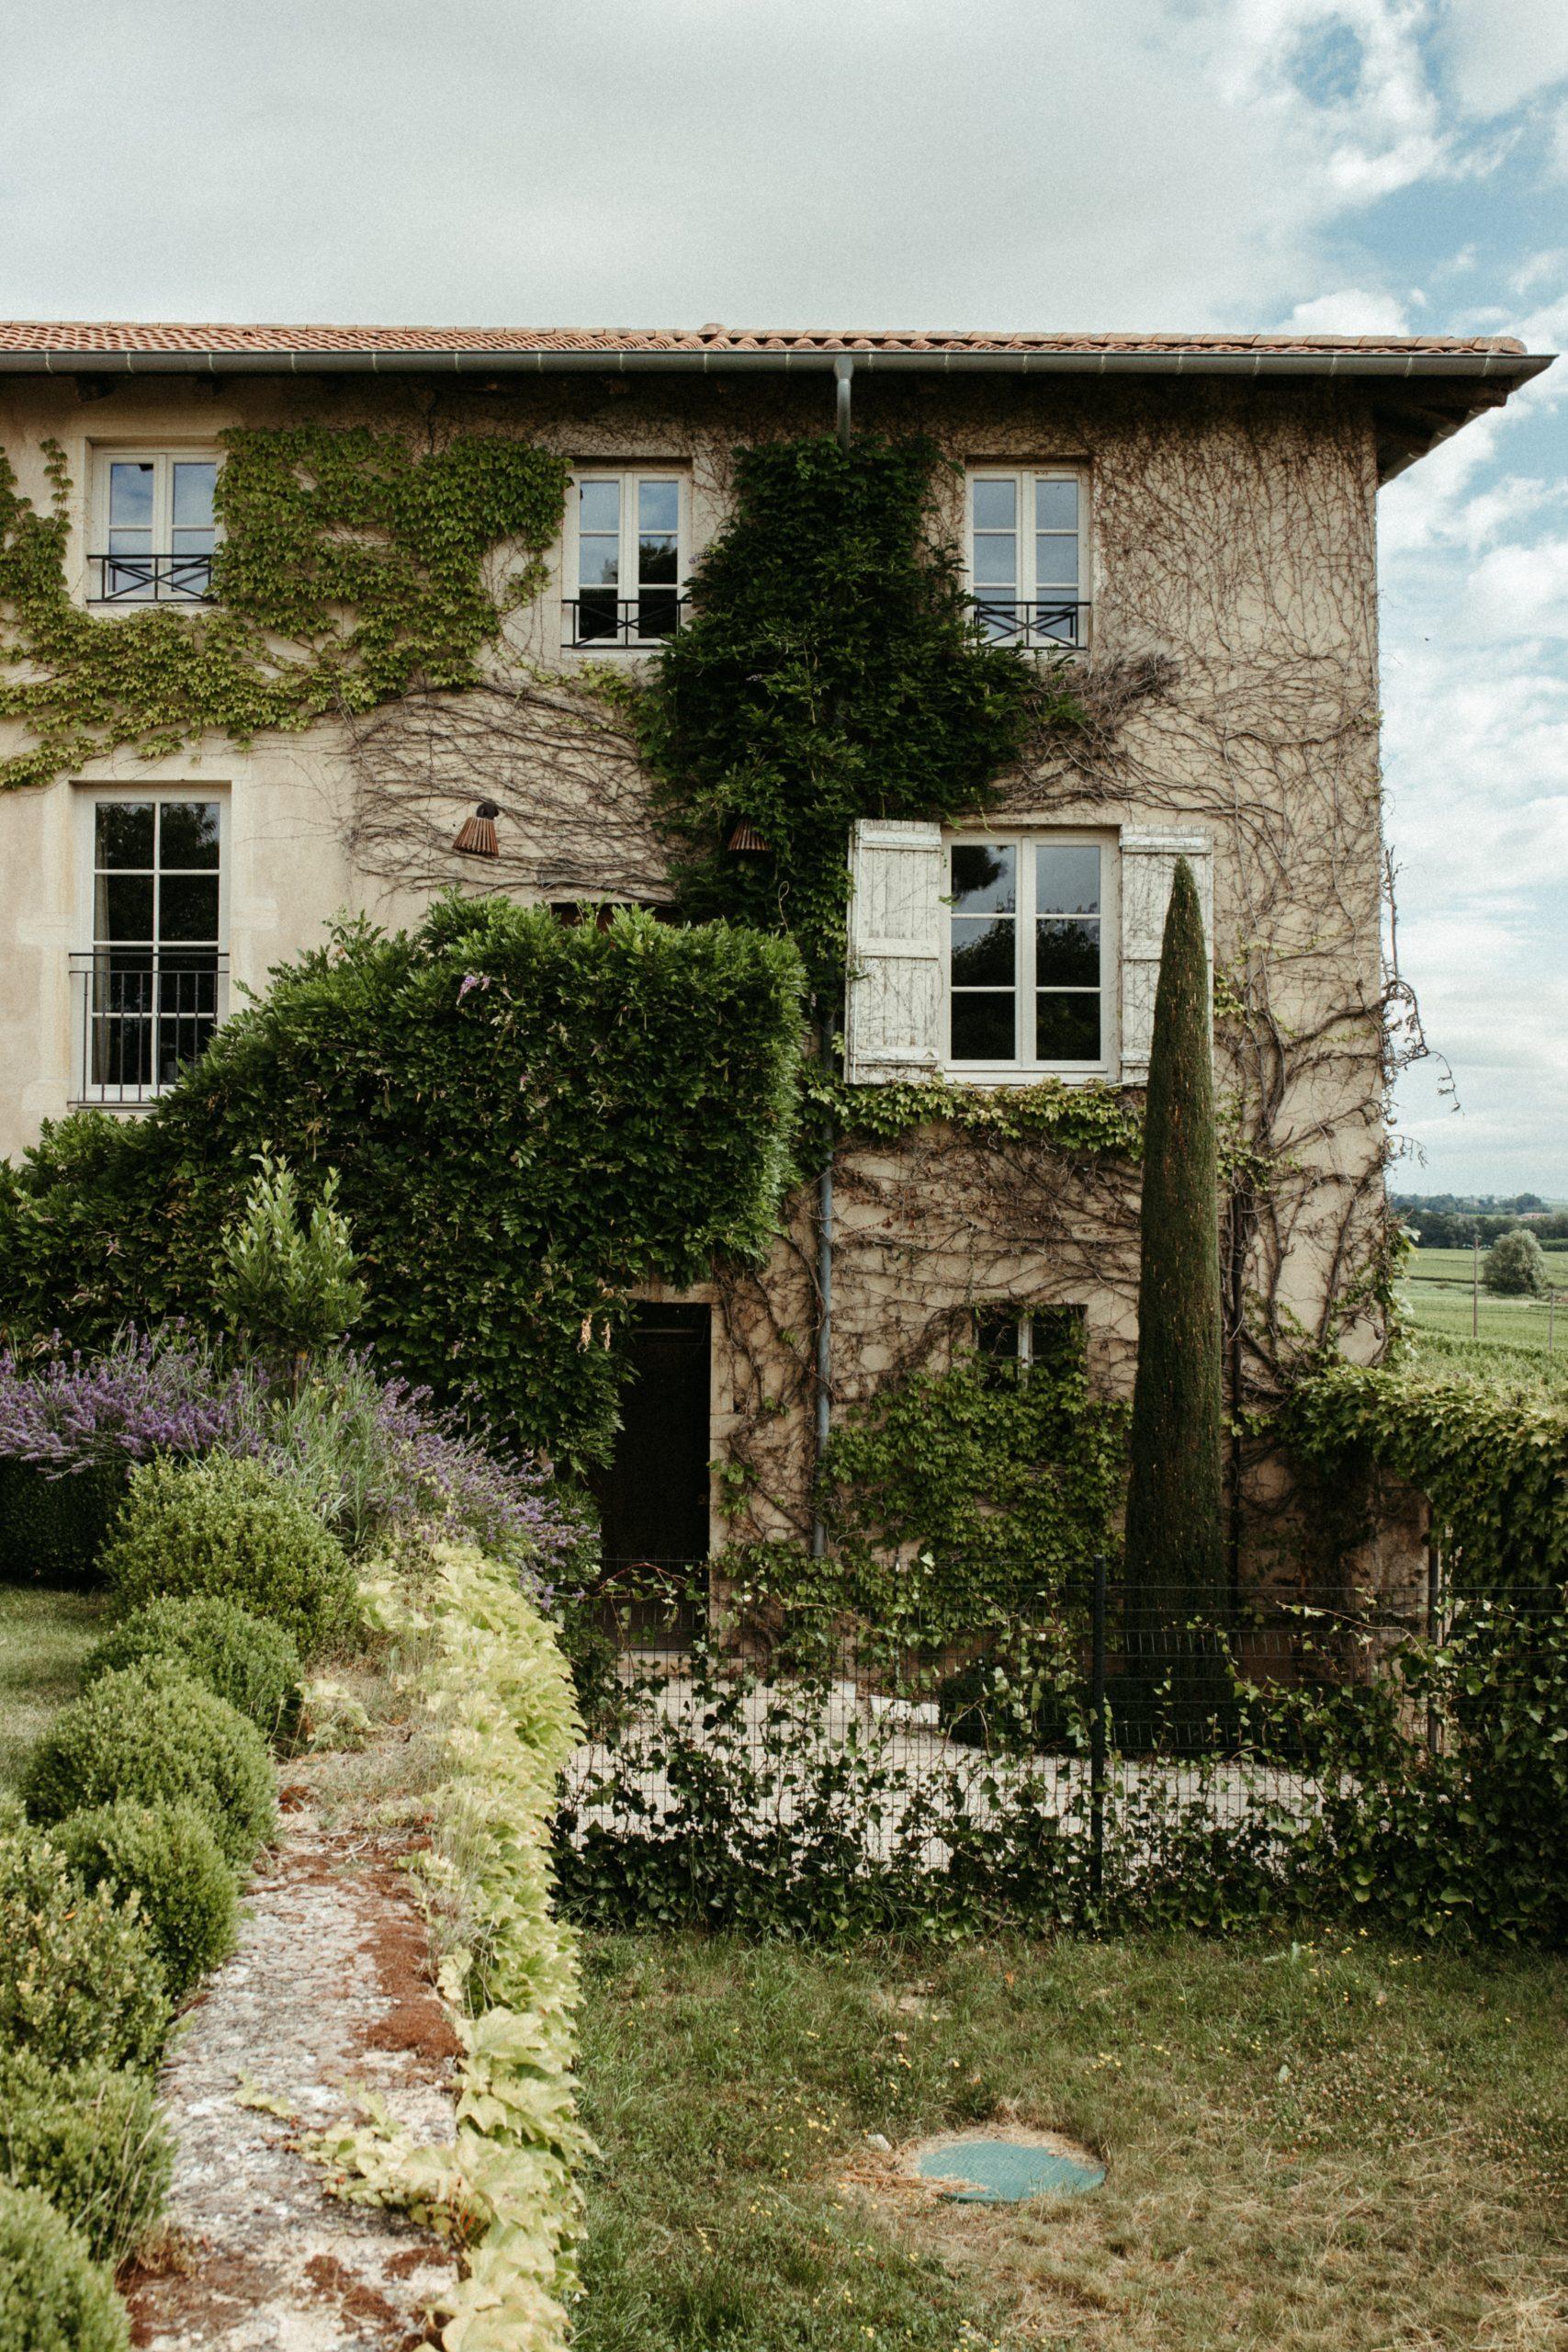 UTOPICLOVERS20200702 – EDITO Jérémie Sésanne Lajarveniere 6782 scaled - Un mariage élégant et végétal dans le Beaujolais